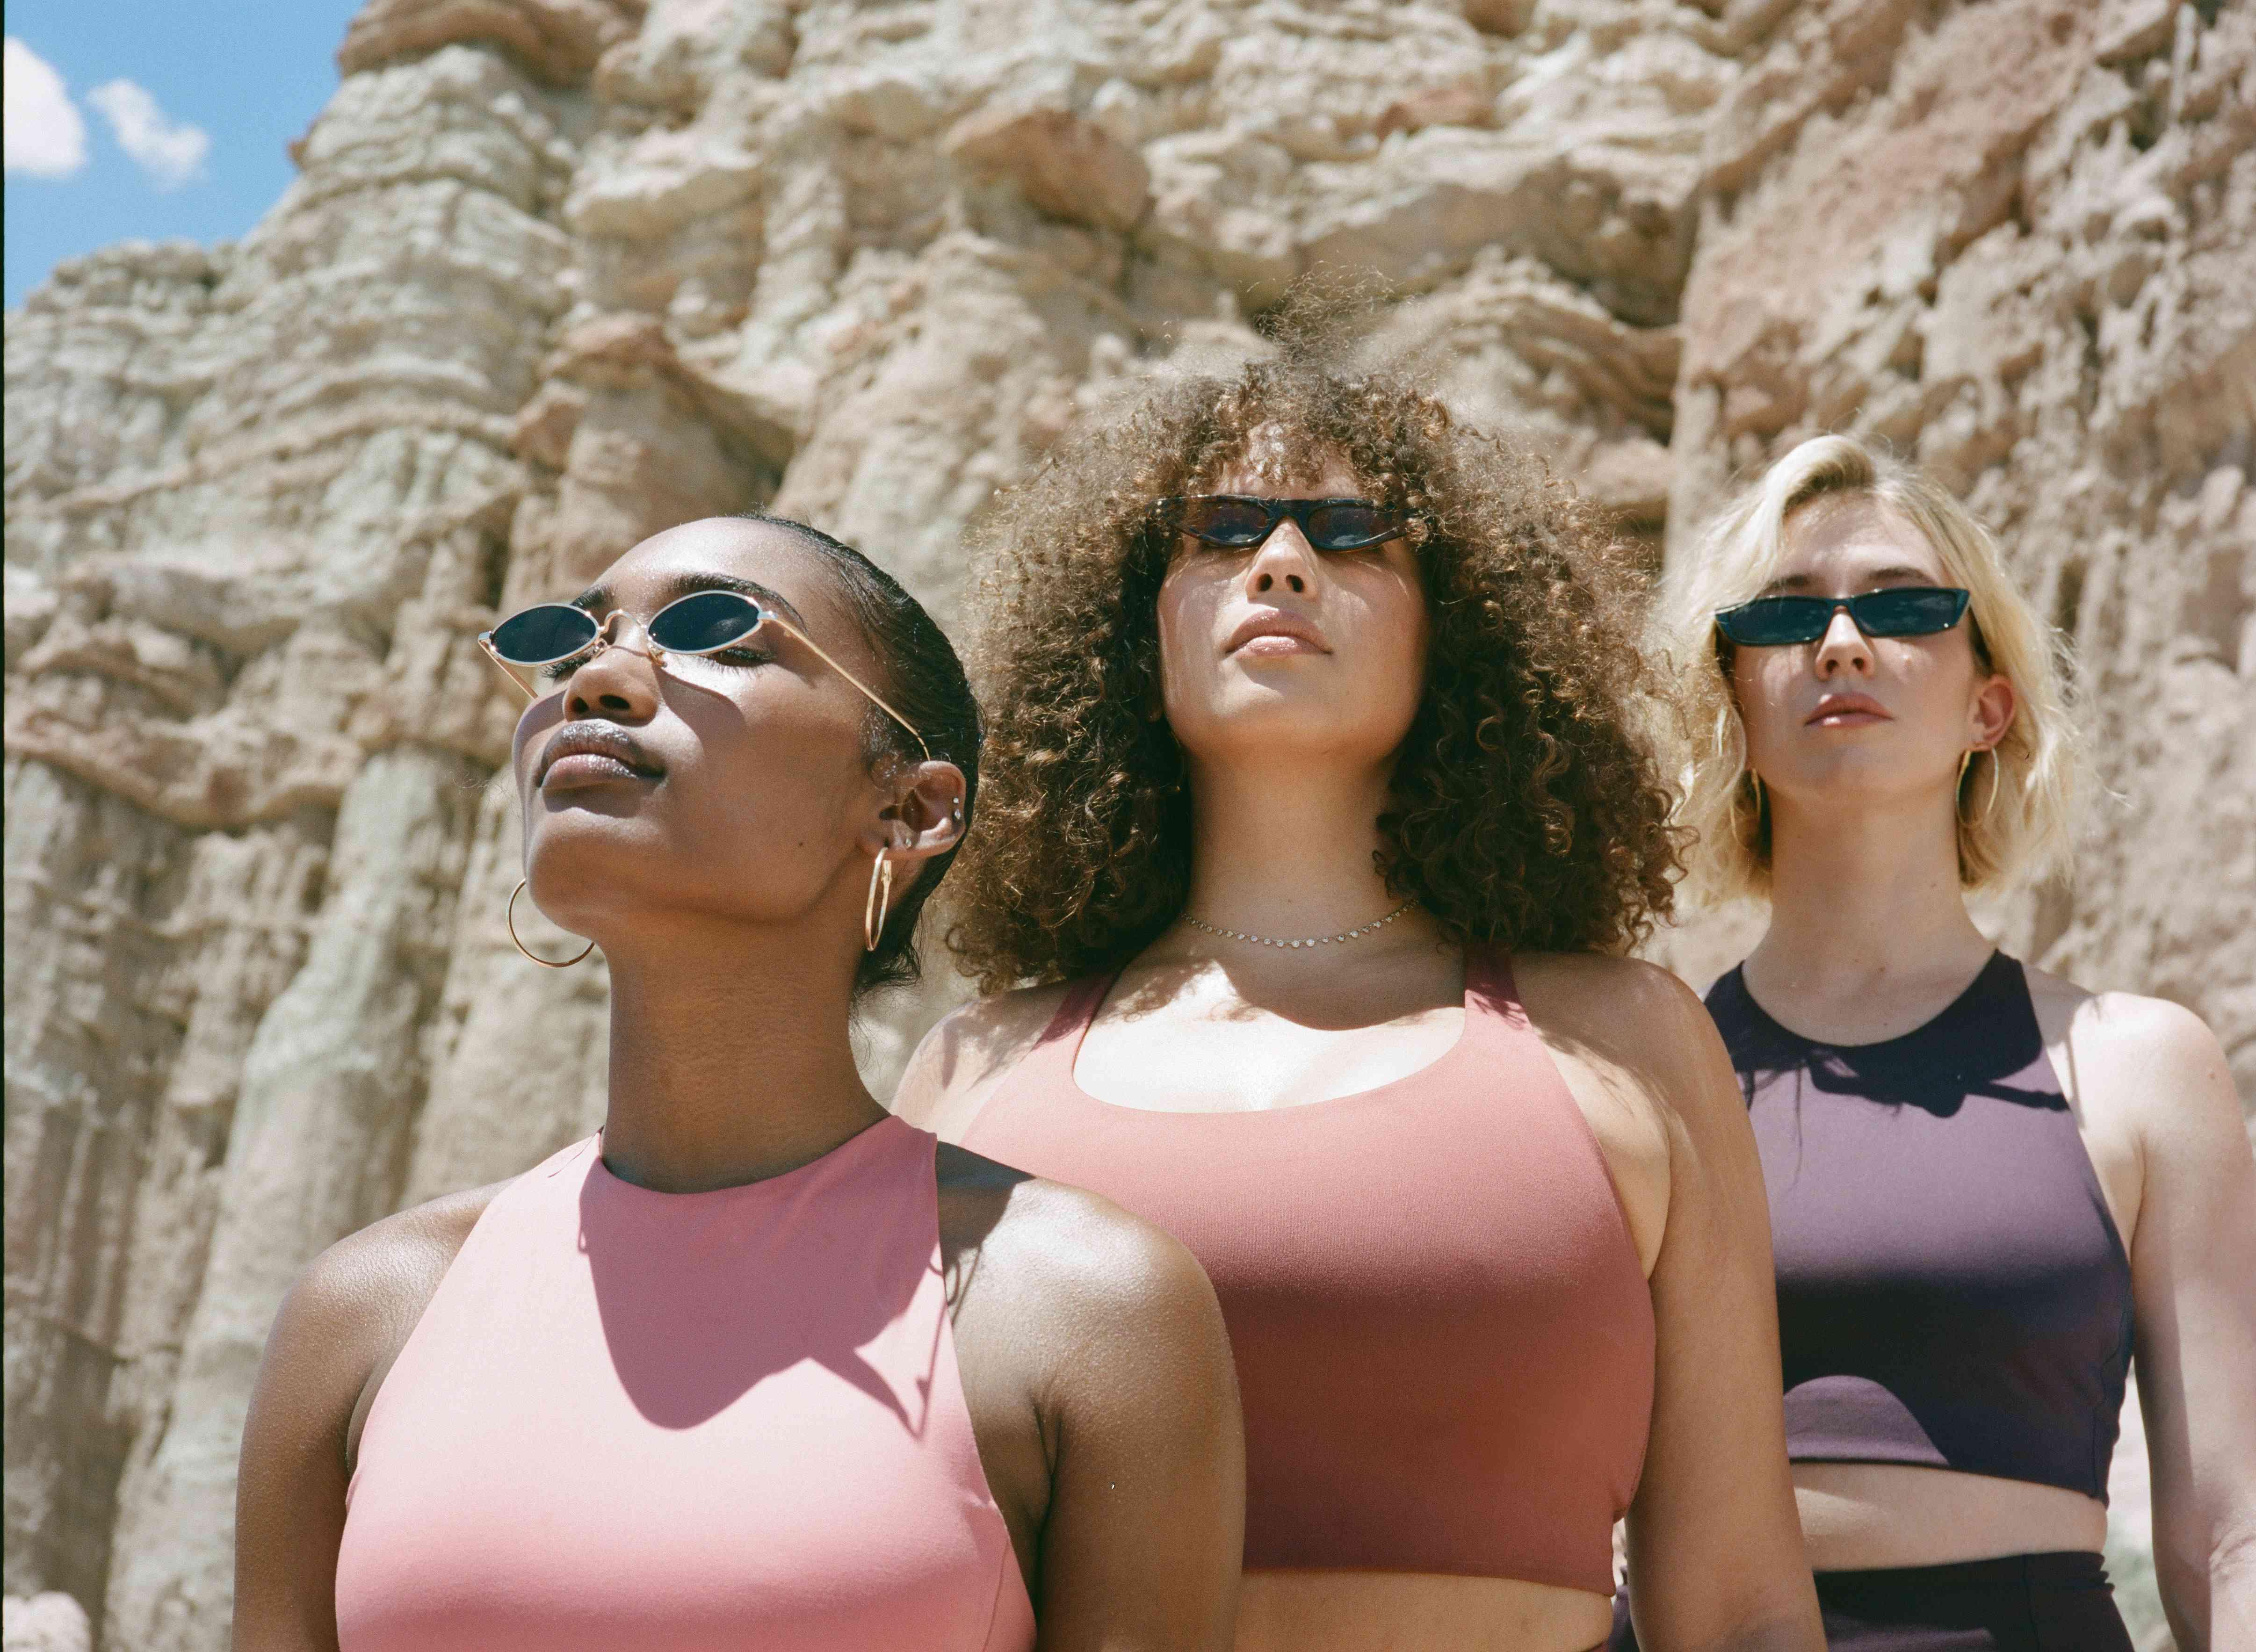 Tres mujeres de diferentes formas y tamaños al aire libre en ropa deportiva